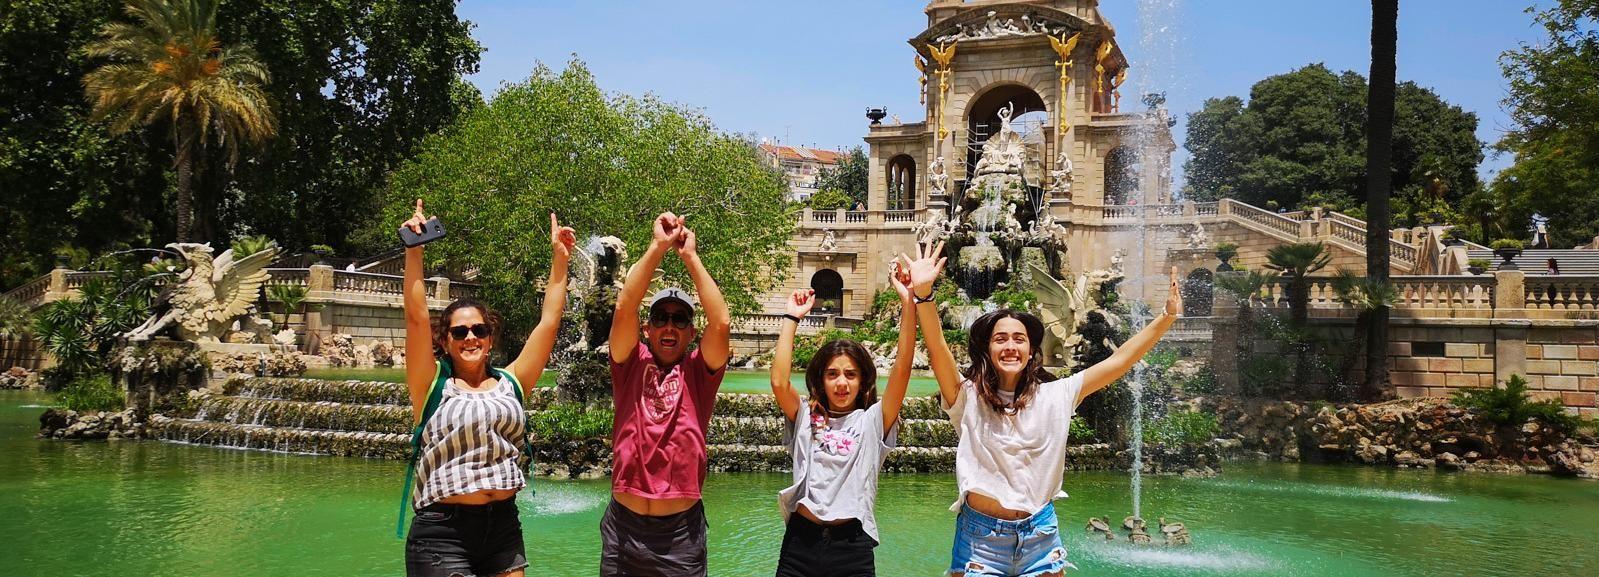 Barcelone: visite privée de 2 heures des points forts de la ville privée